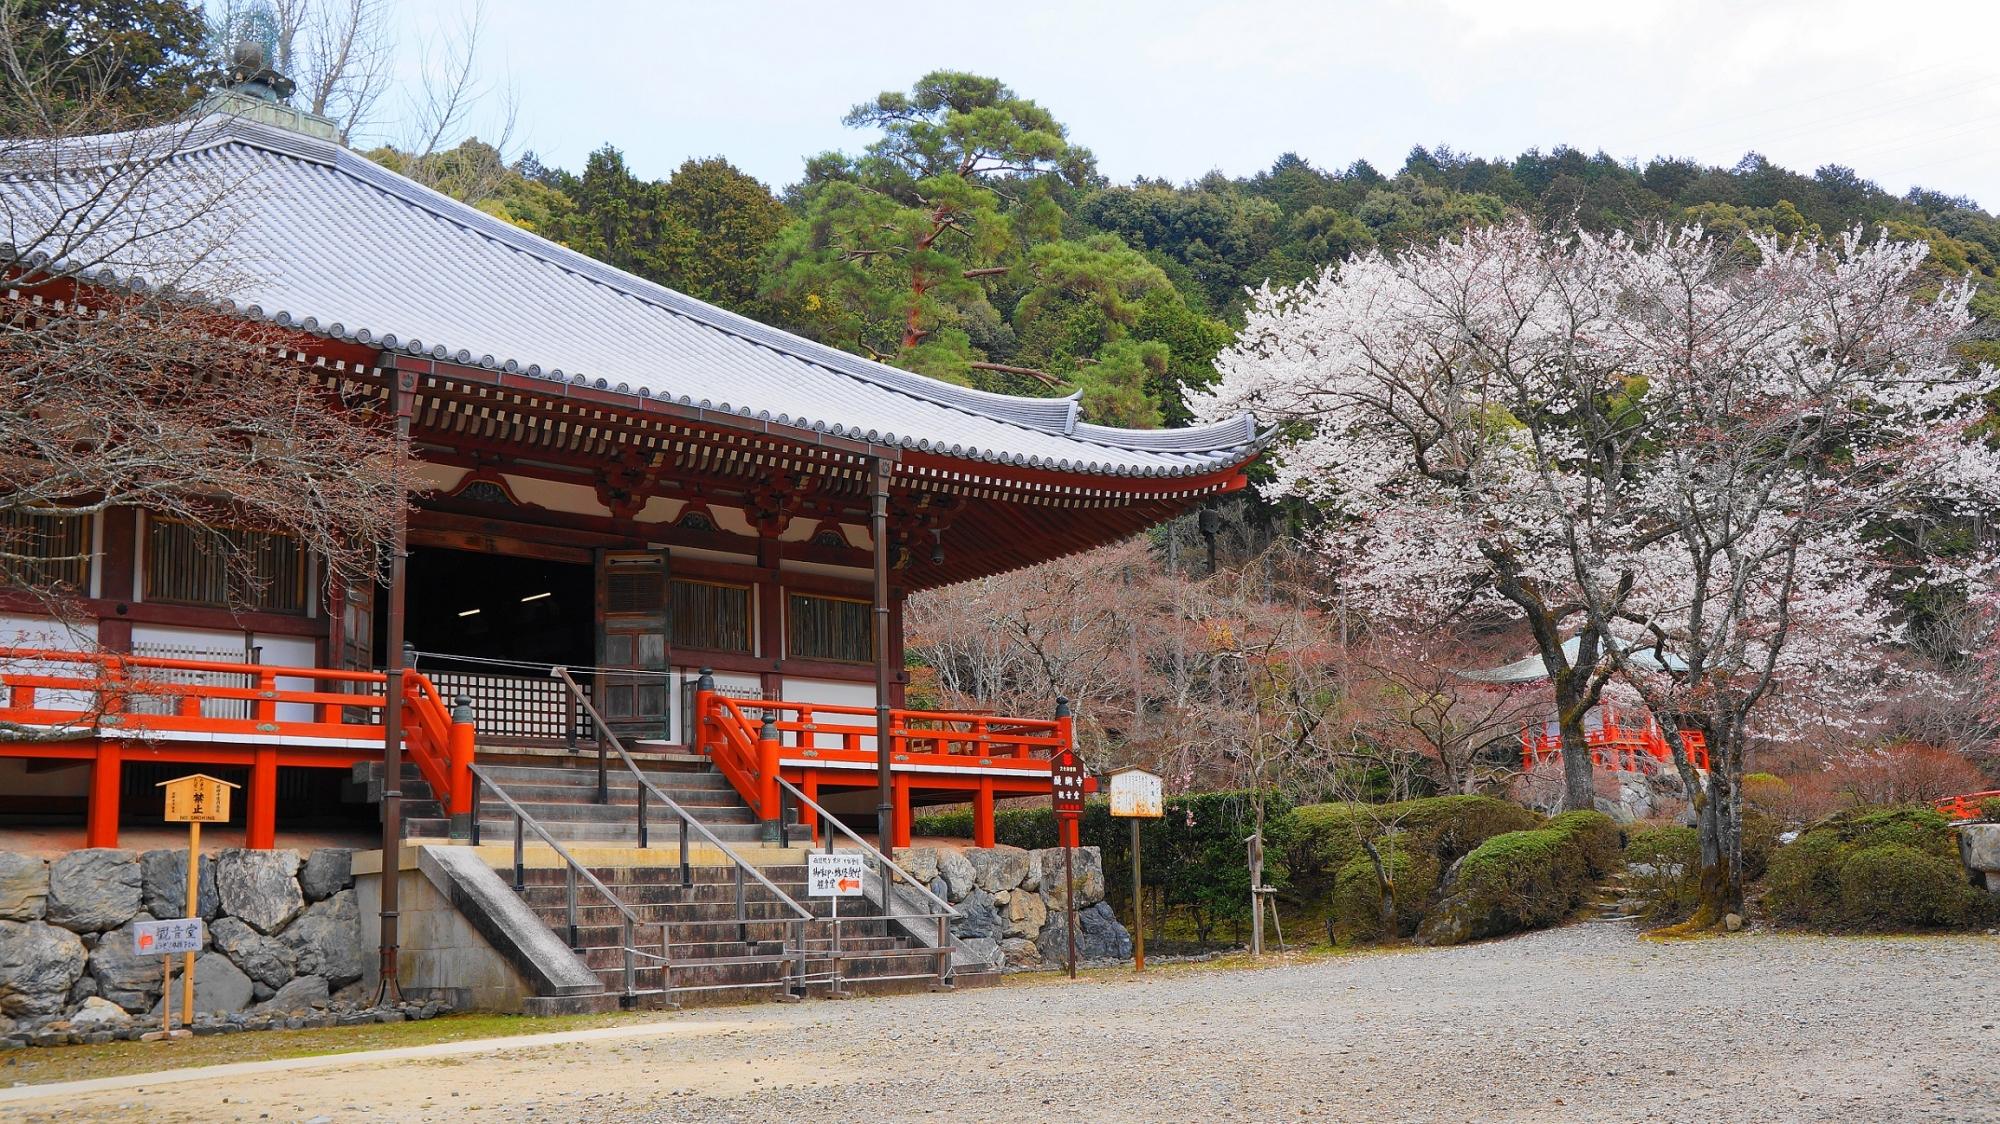 桜の名所の醍醐寺の観音堂と綺麗な桜